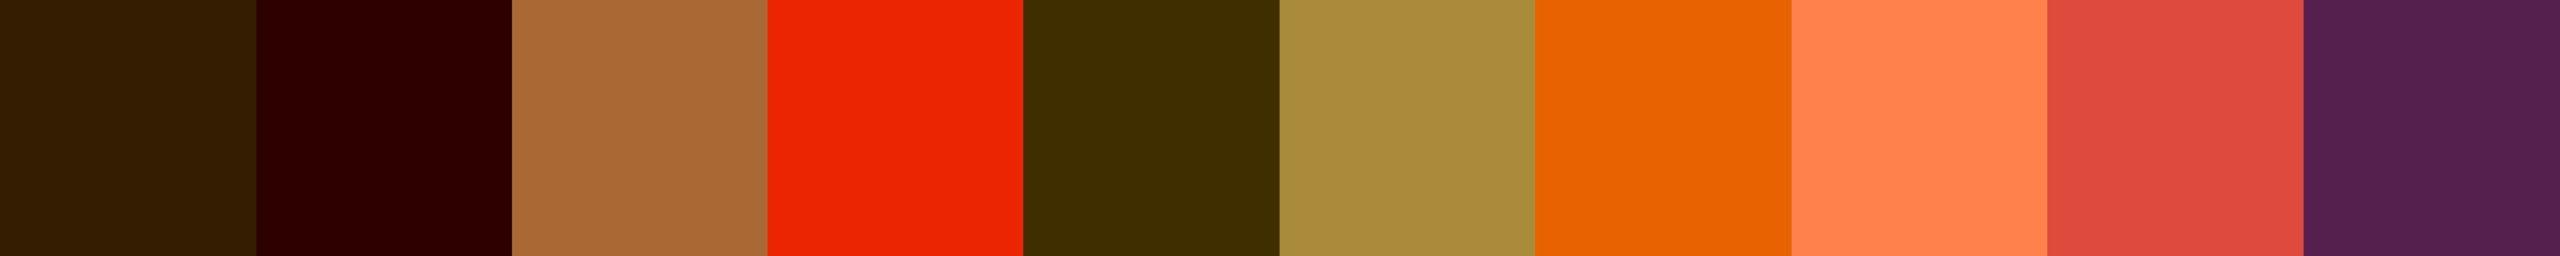 476 Acanta Color Palette